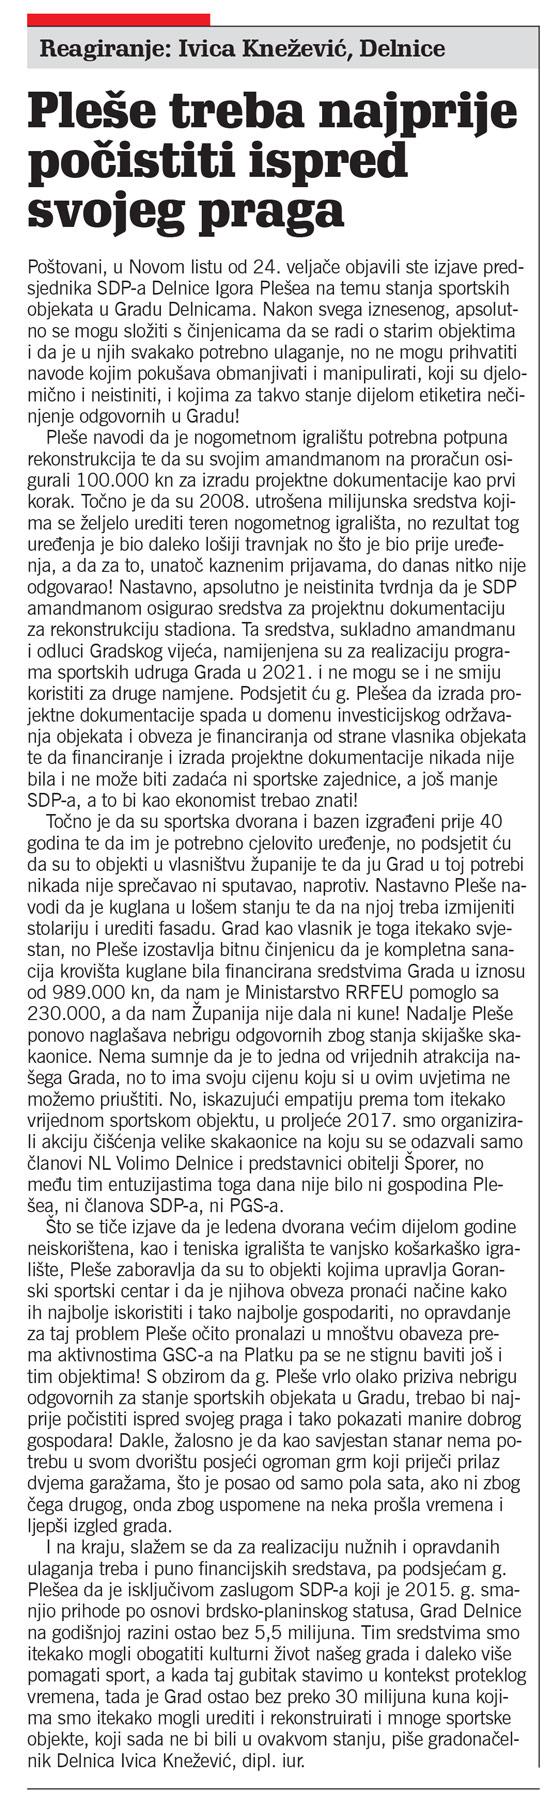 članak, novi list, reagiranje ivica knežević